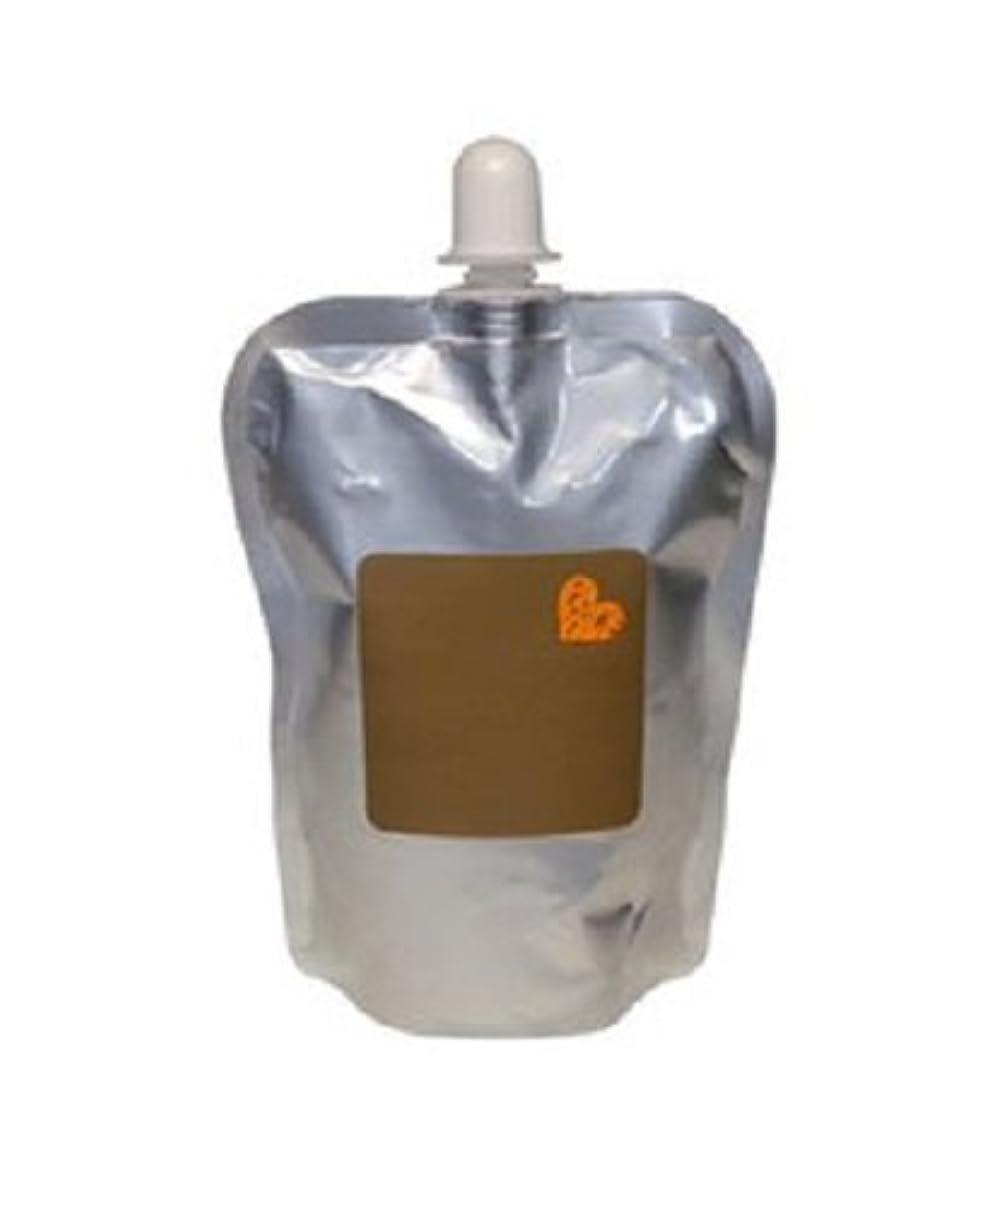 発見する調整可能養うアリミノ ピース プロデザインシリーズ ライトワックス ホイップ 400ml 詰替用